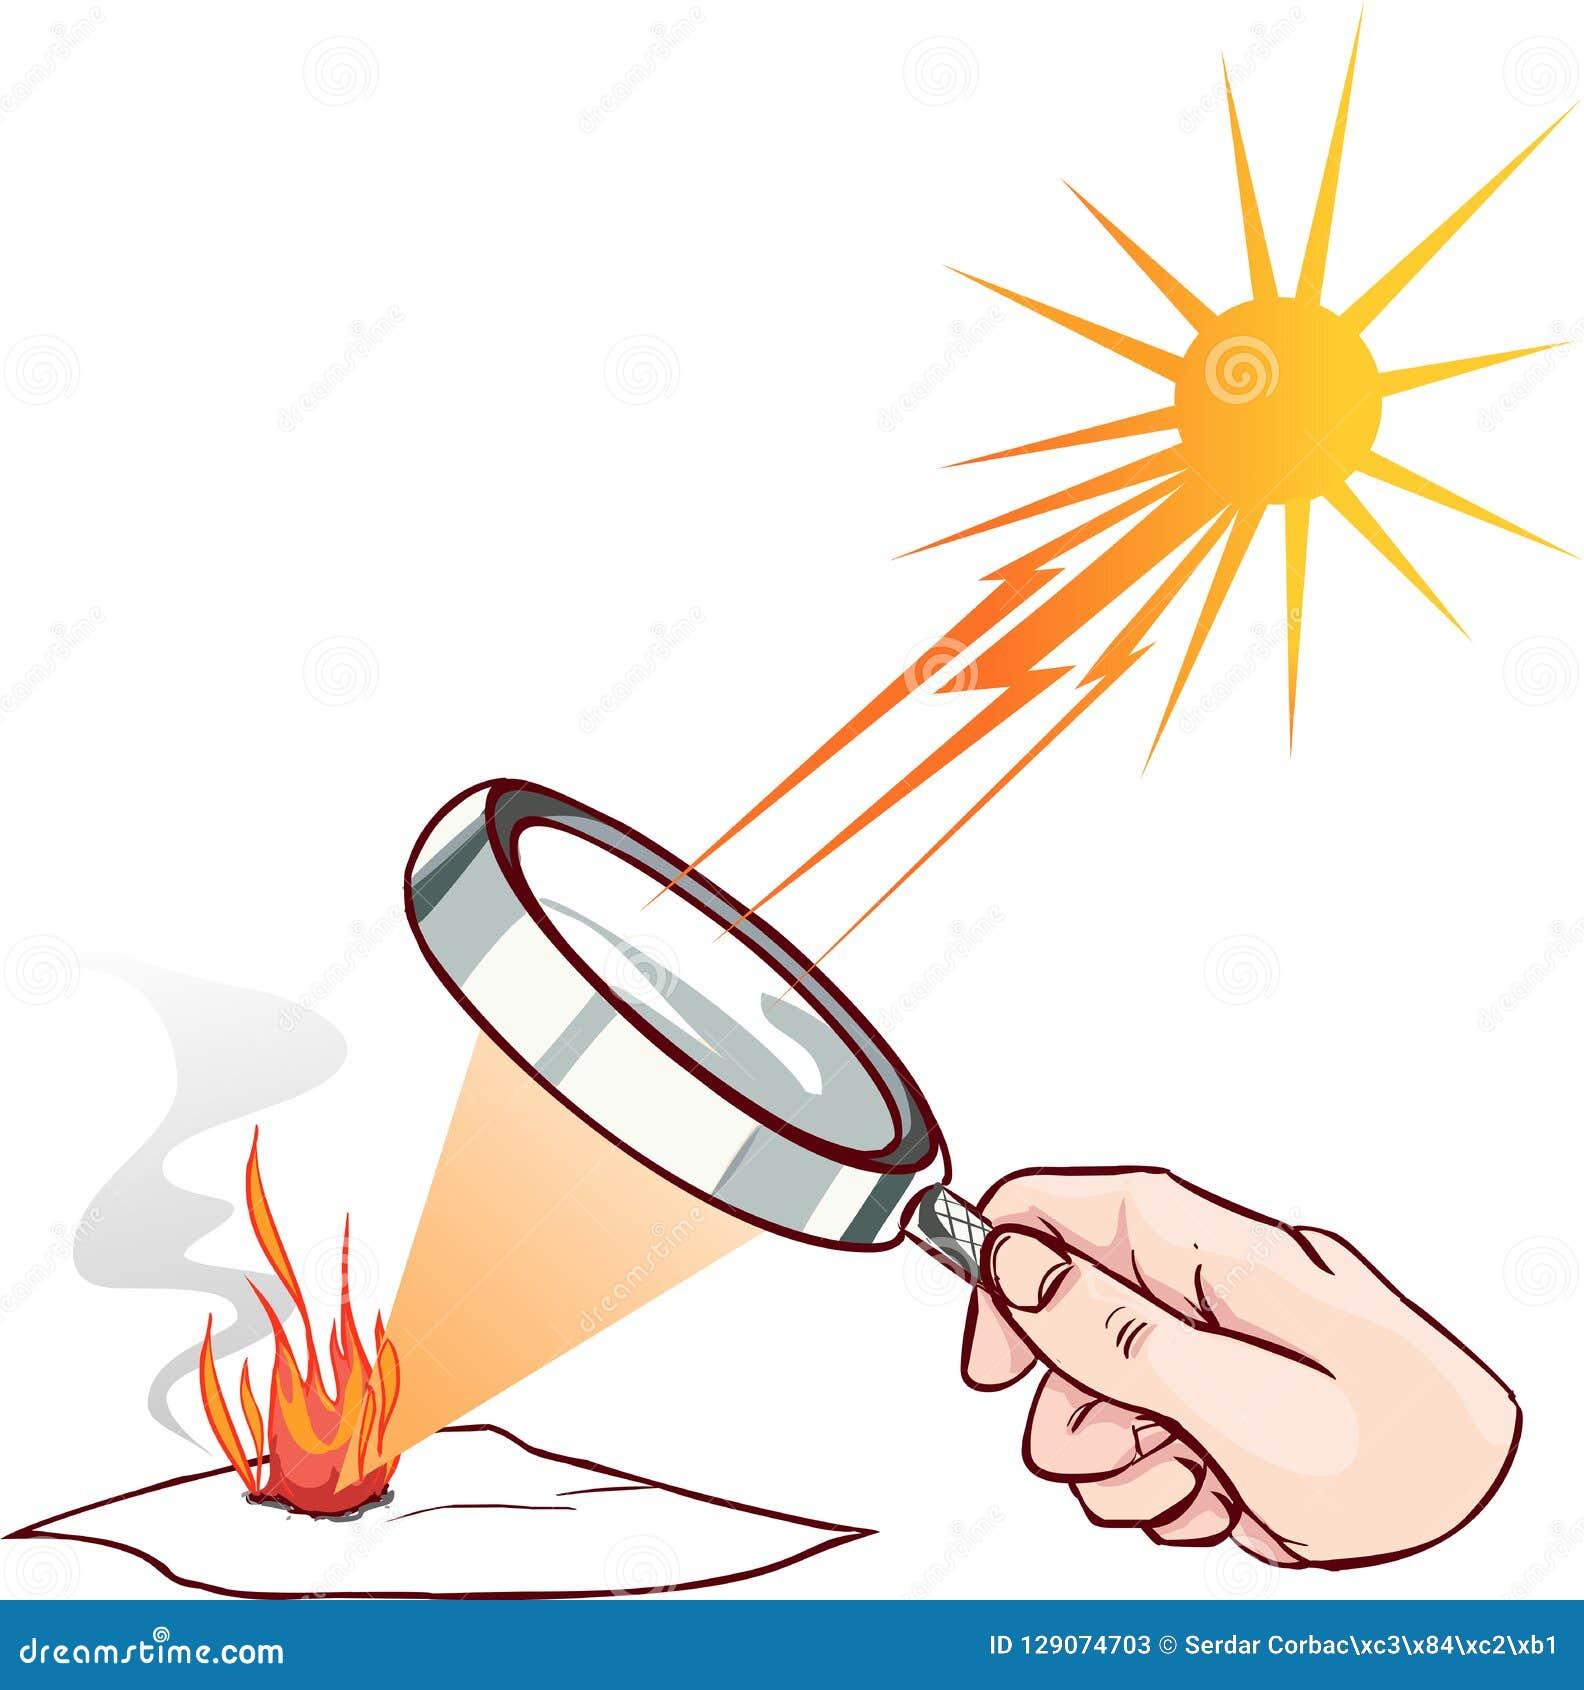 Lentille d agrandissement utilisée pour concentrer quelques rayons solaires sur un morceau de papier